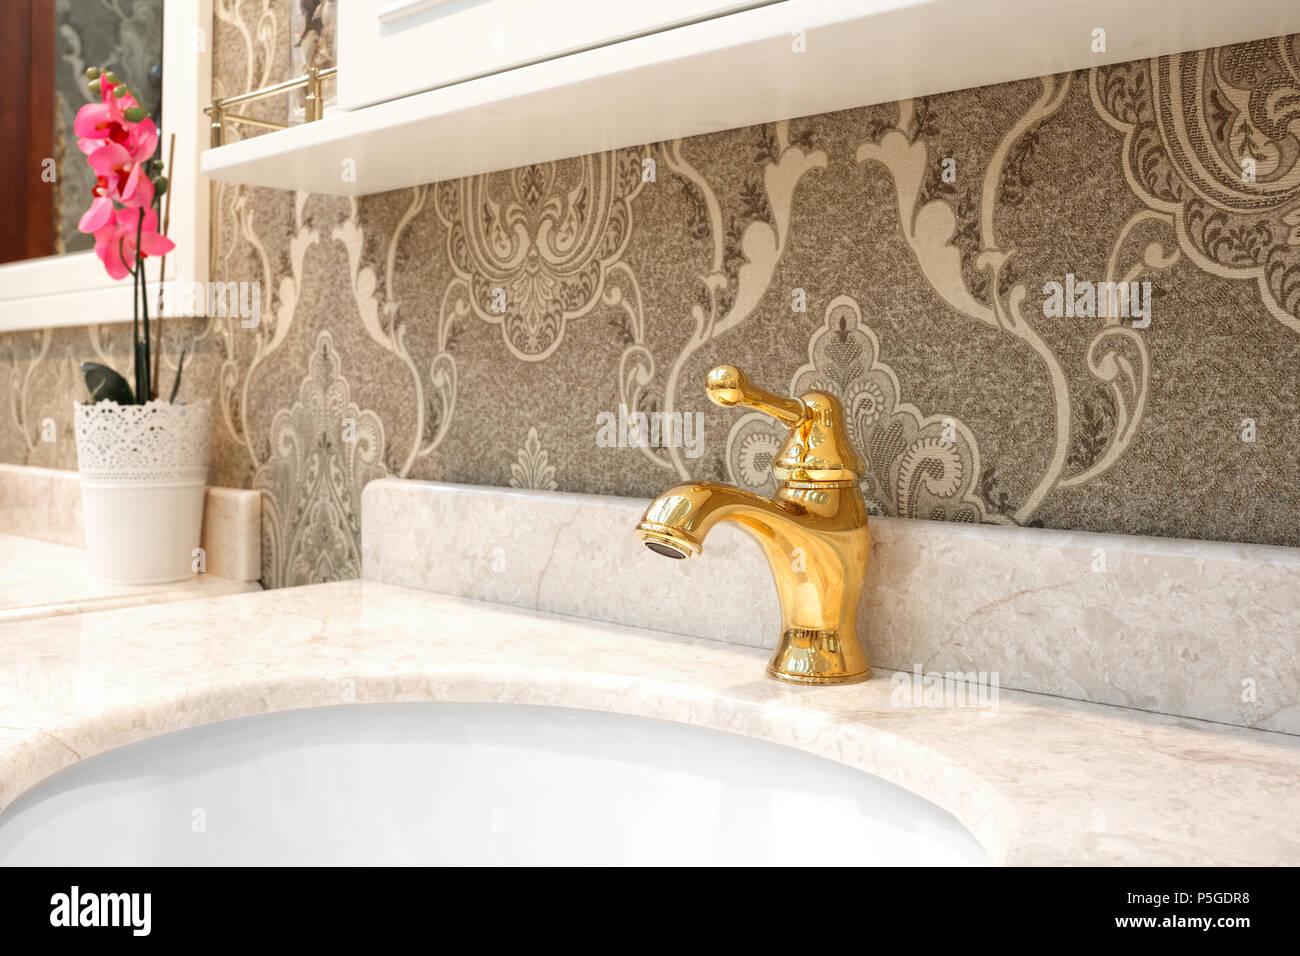 Badezimmer Luxus klassische Einrichtung mit weißen Waschbecken und ...